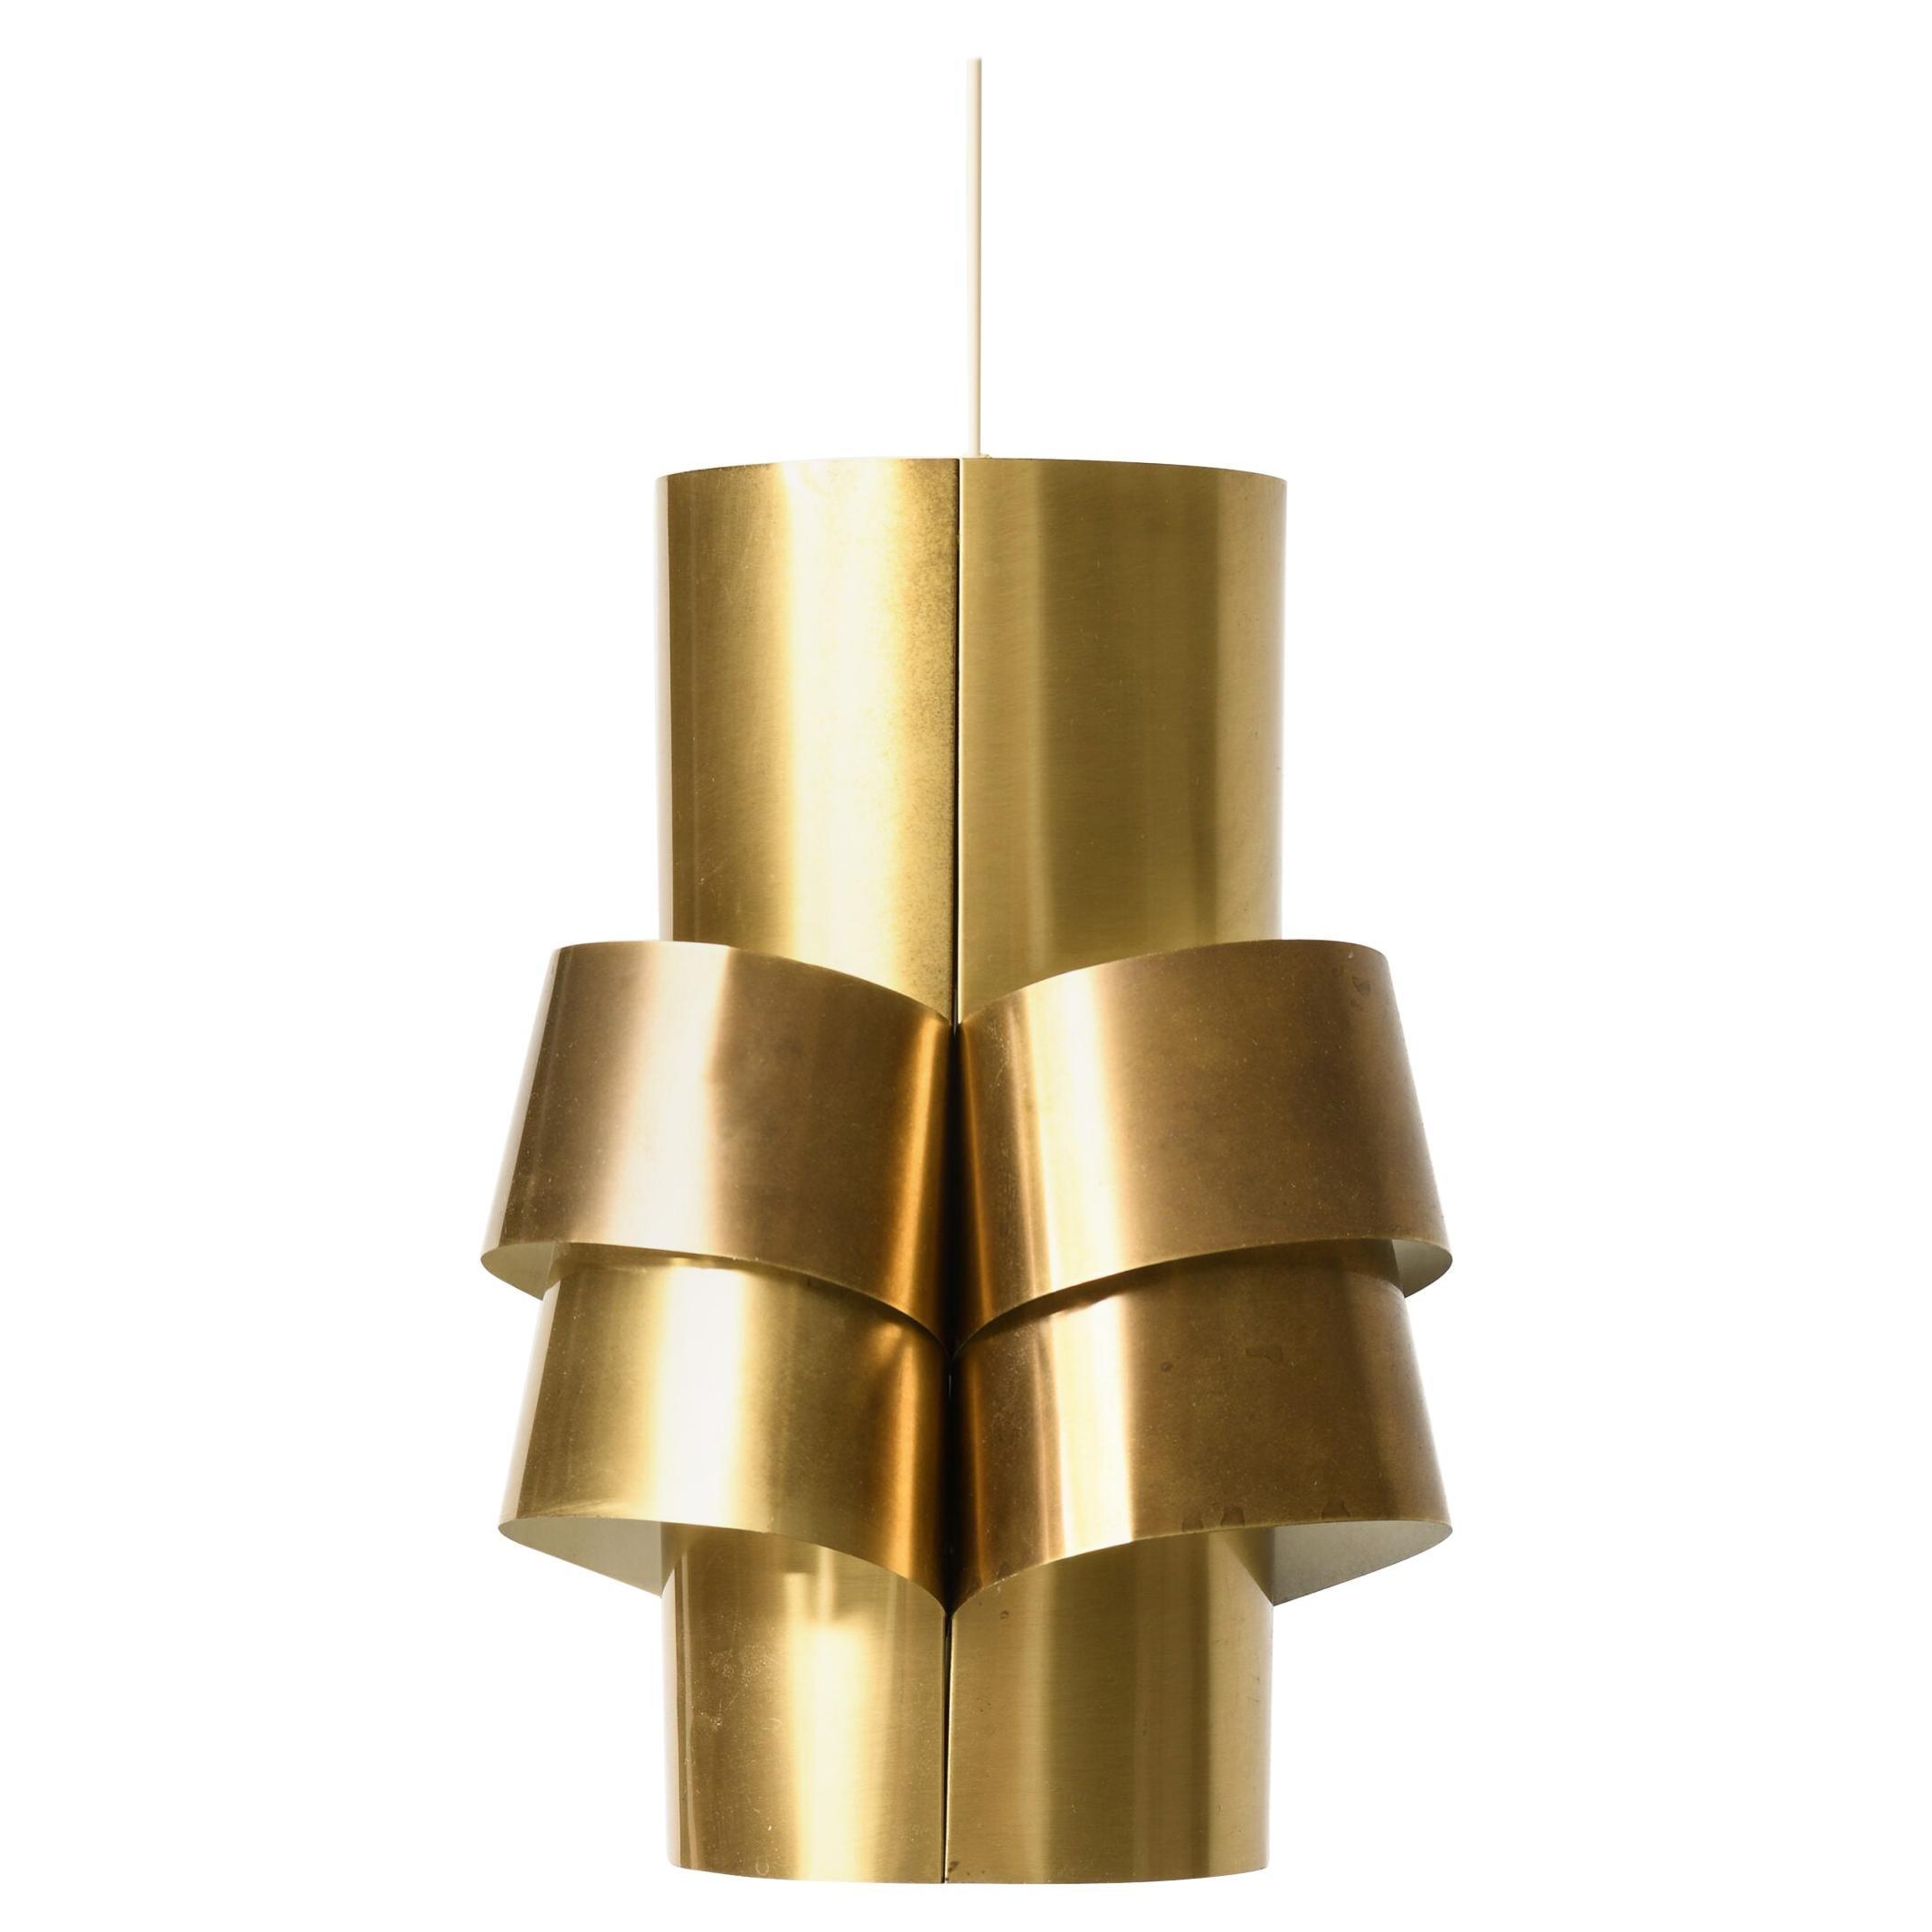 Torsten Orrling & Hans-Agne Jakobsson Ceiling Lamp by Hans-Agne Jakobsson AB